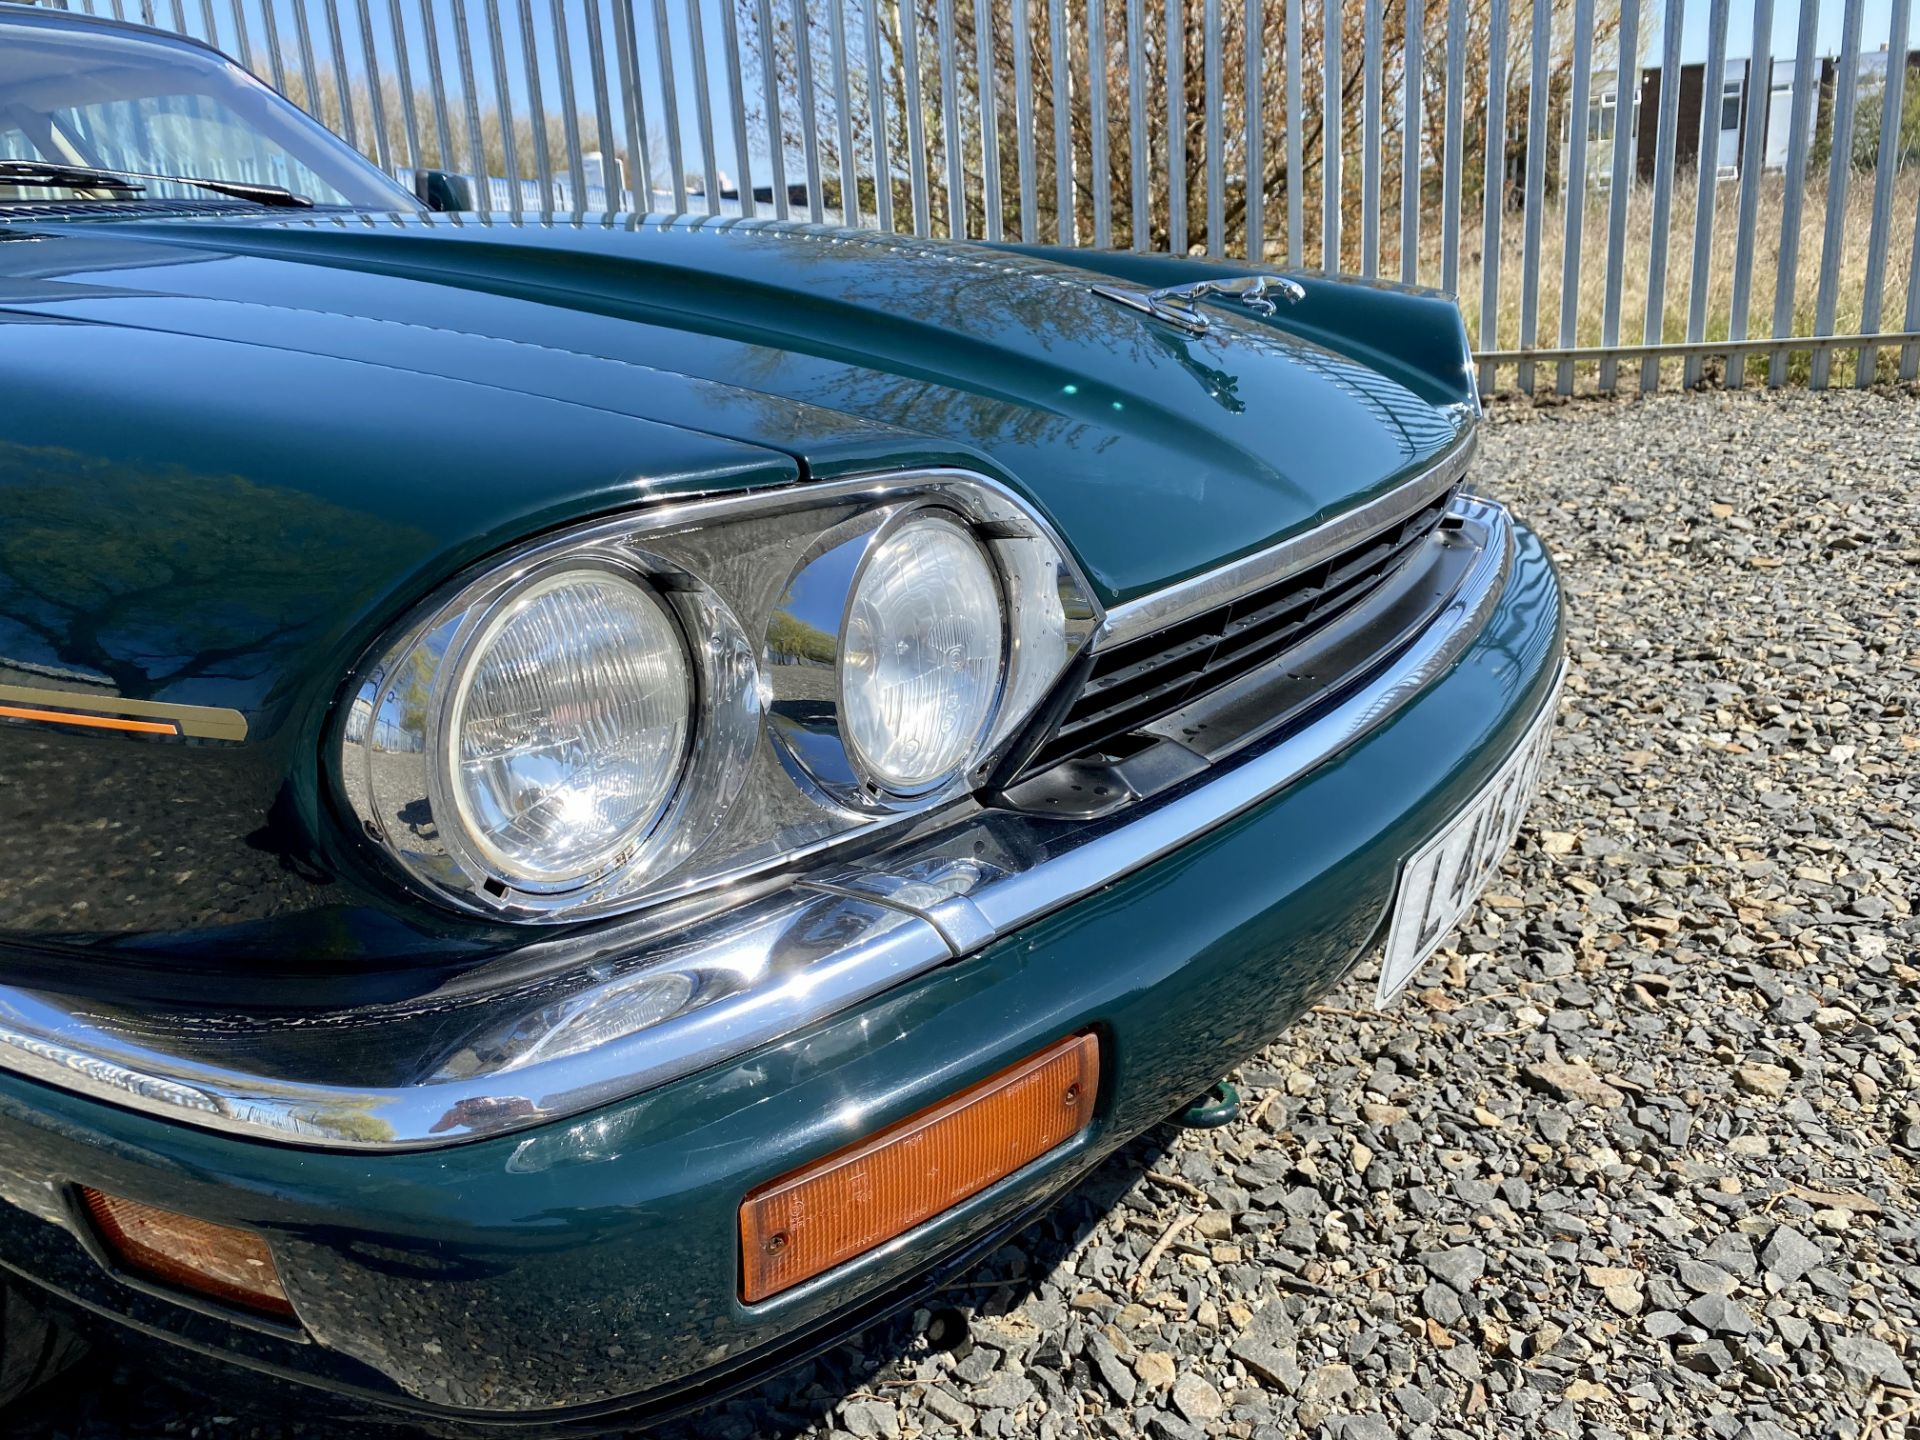 Jaguar XJS coupe - Image 37 of 64